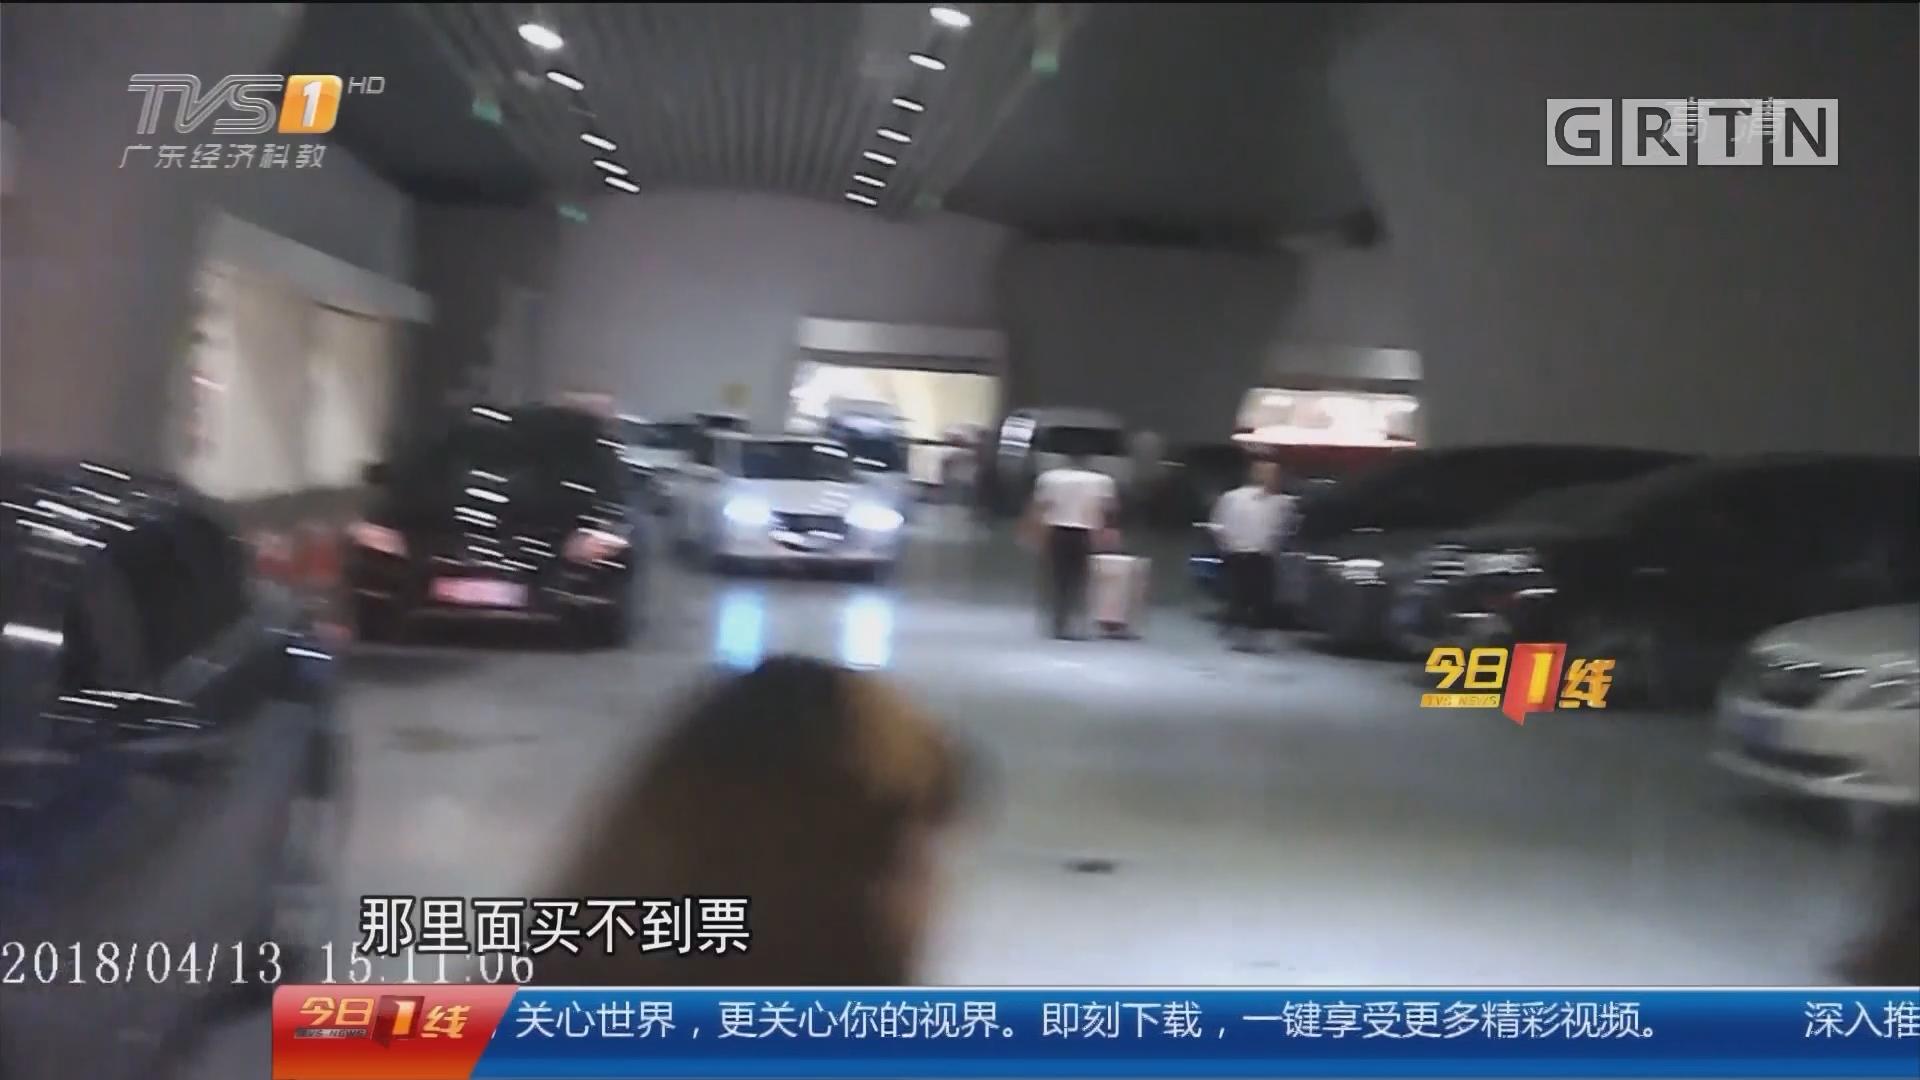 一线独家调查:广州南站 拉客仔盘踞客运站 猖狂拉客无人管?